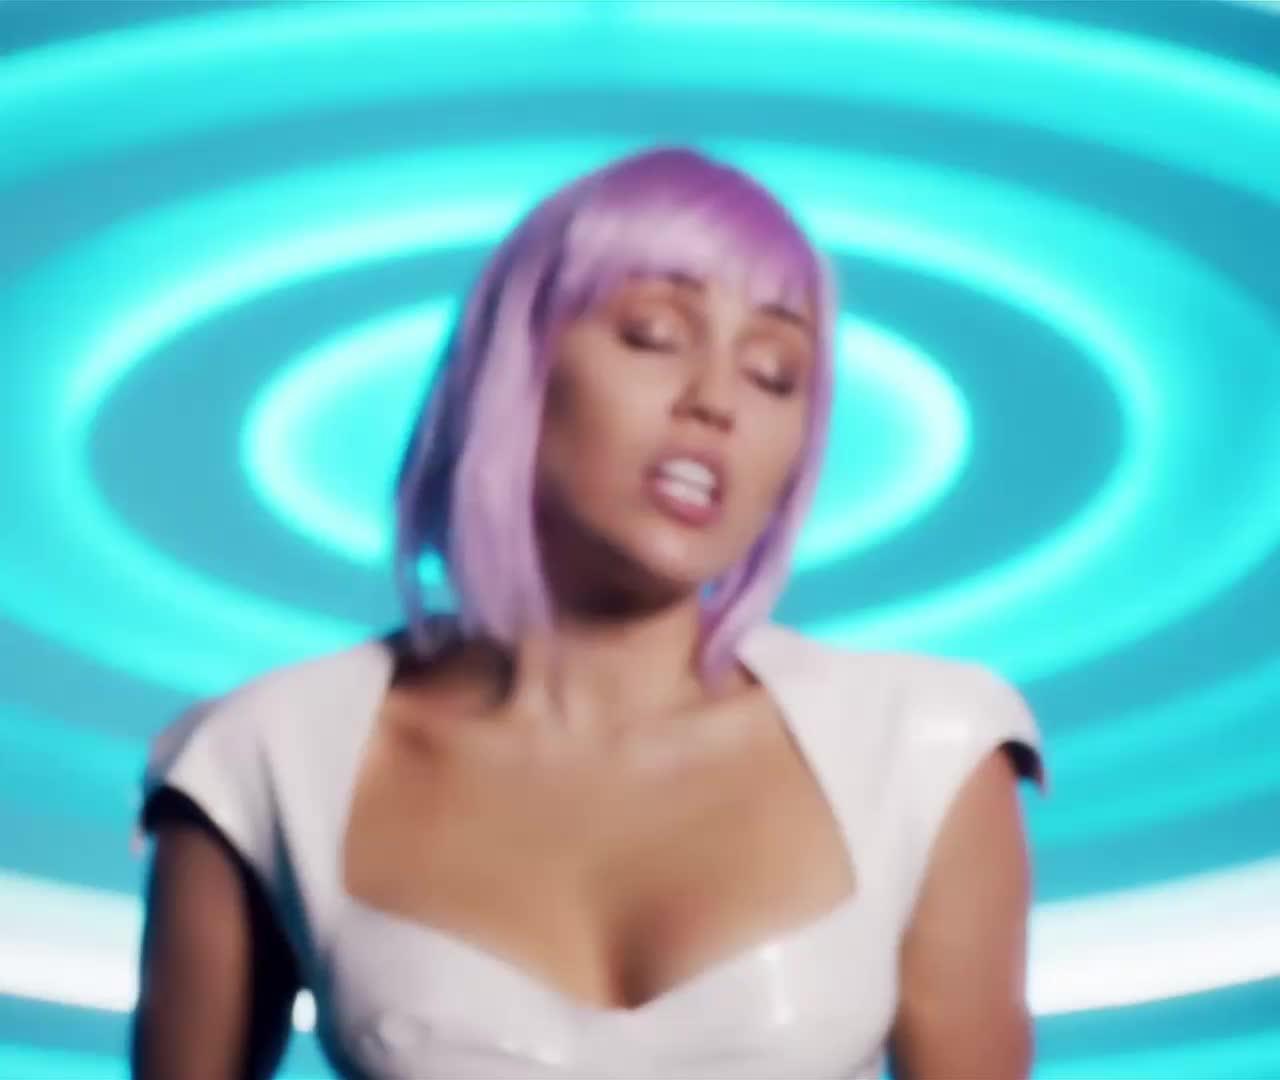 black mirror, miley cyrus, Miley Cyrus as Ashley O - On a Roll - Extra 2 - r/PopForThePlot GIFs